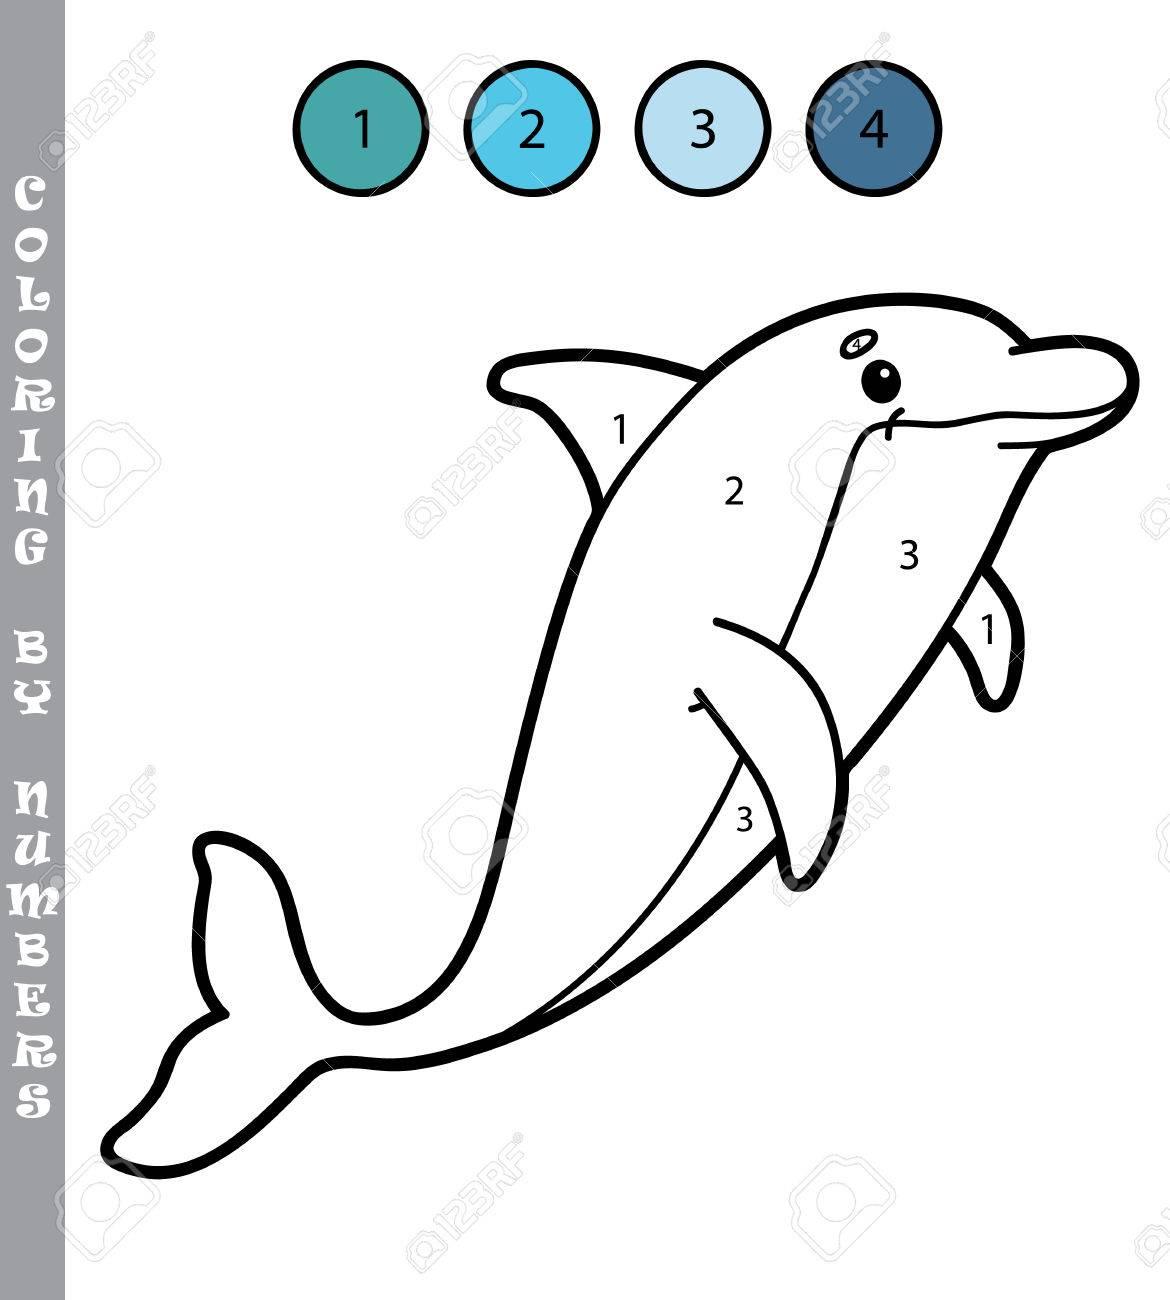 Illustration Coloriage Par Numéros Jeu Éducatif Avec Dessin Animé Dauphin  Pour Les Enfants pour Dessin De Dauphin À Colorier